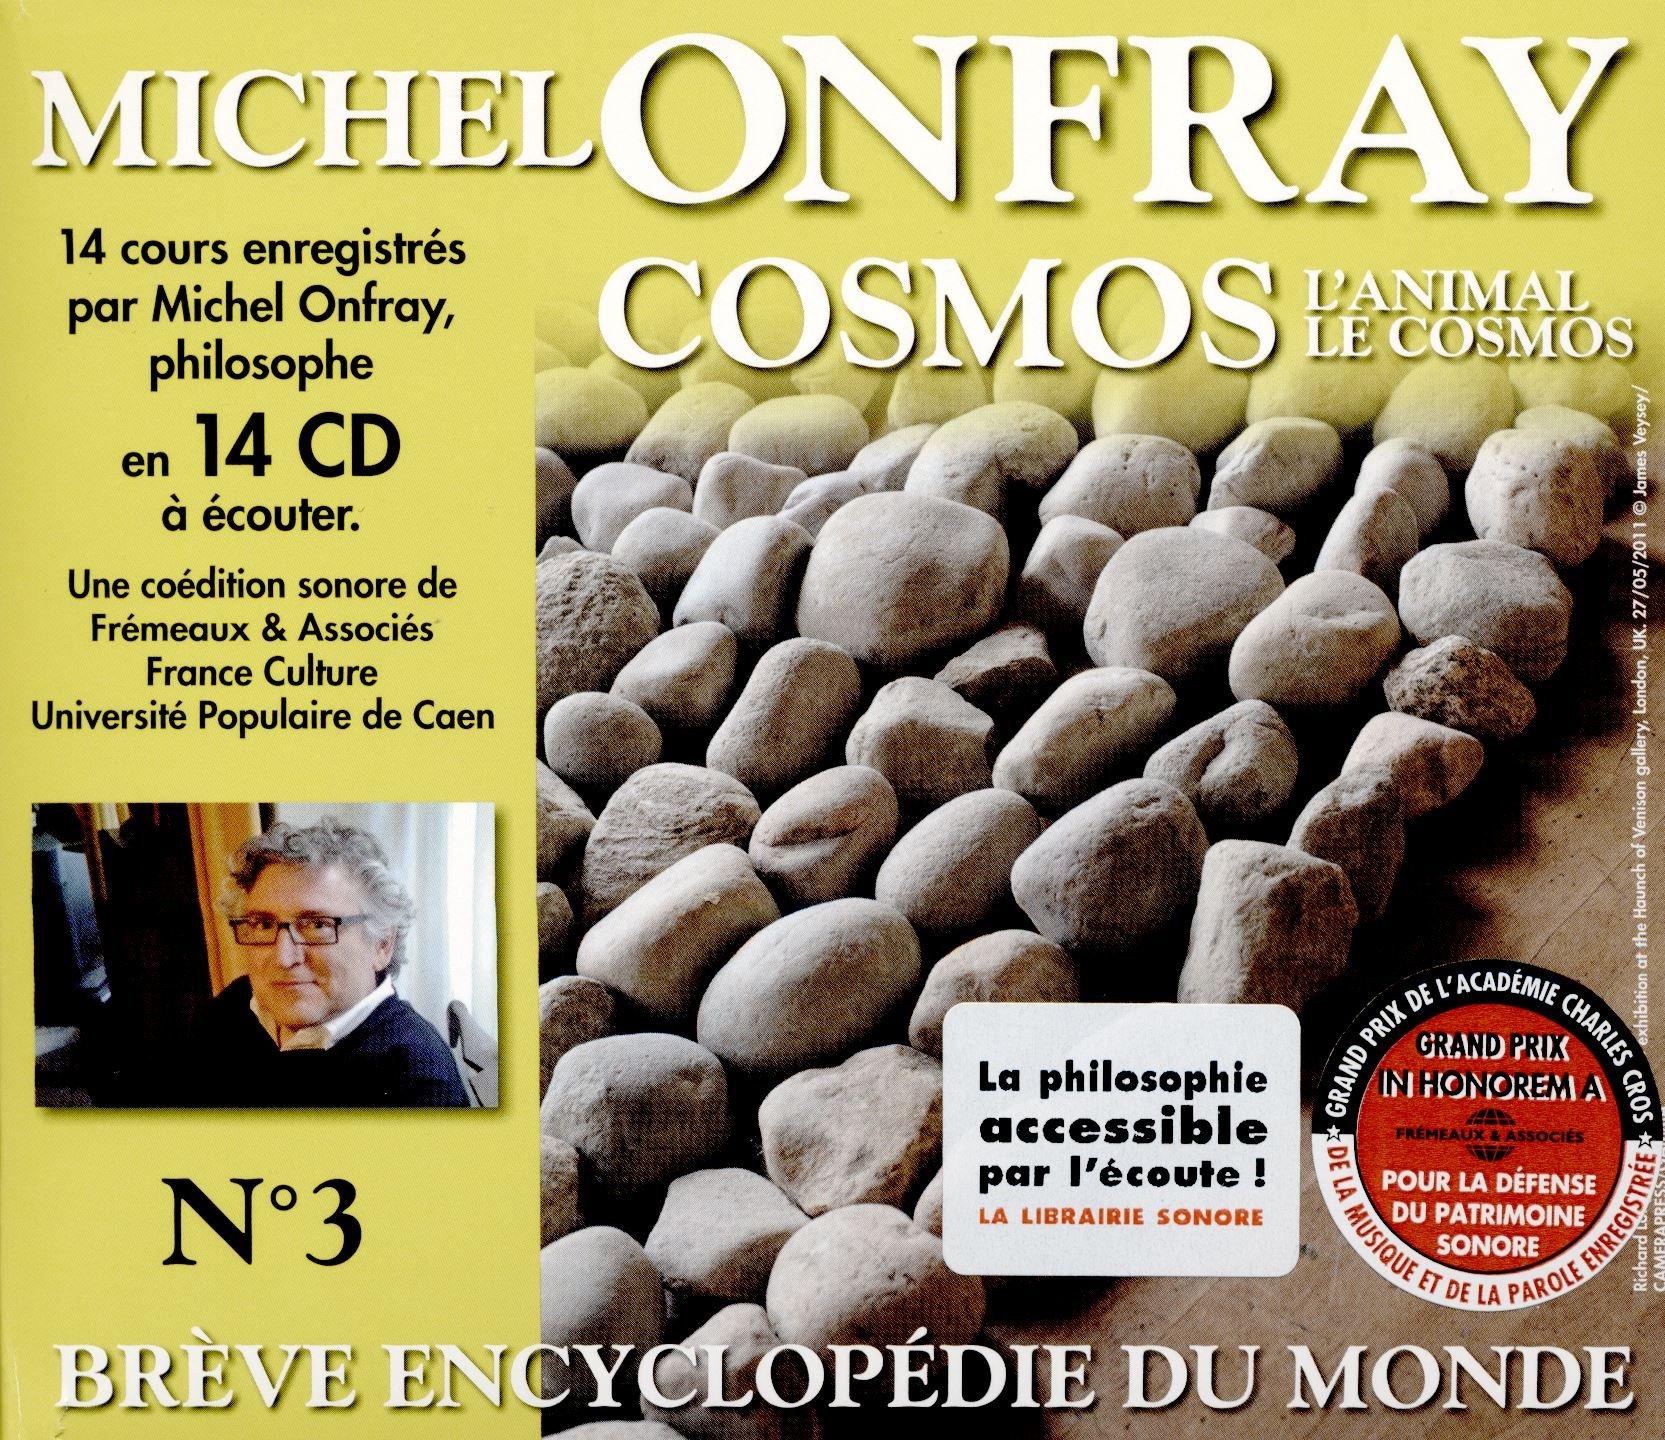 Breve Encyclopedie du Monde, Vol. 3 - L'Animal, Le Cosmos